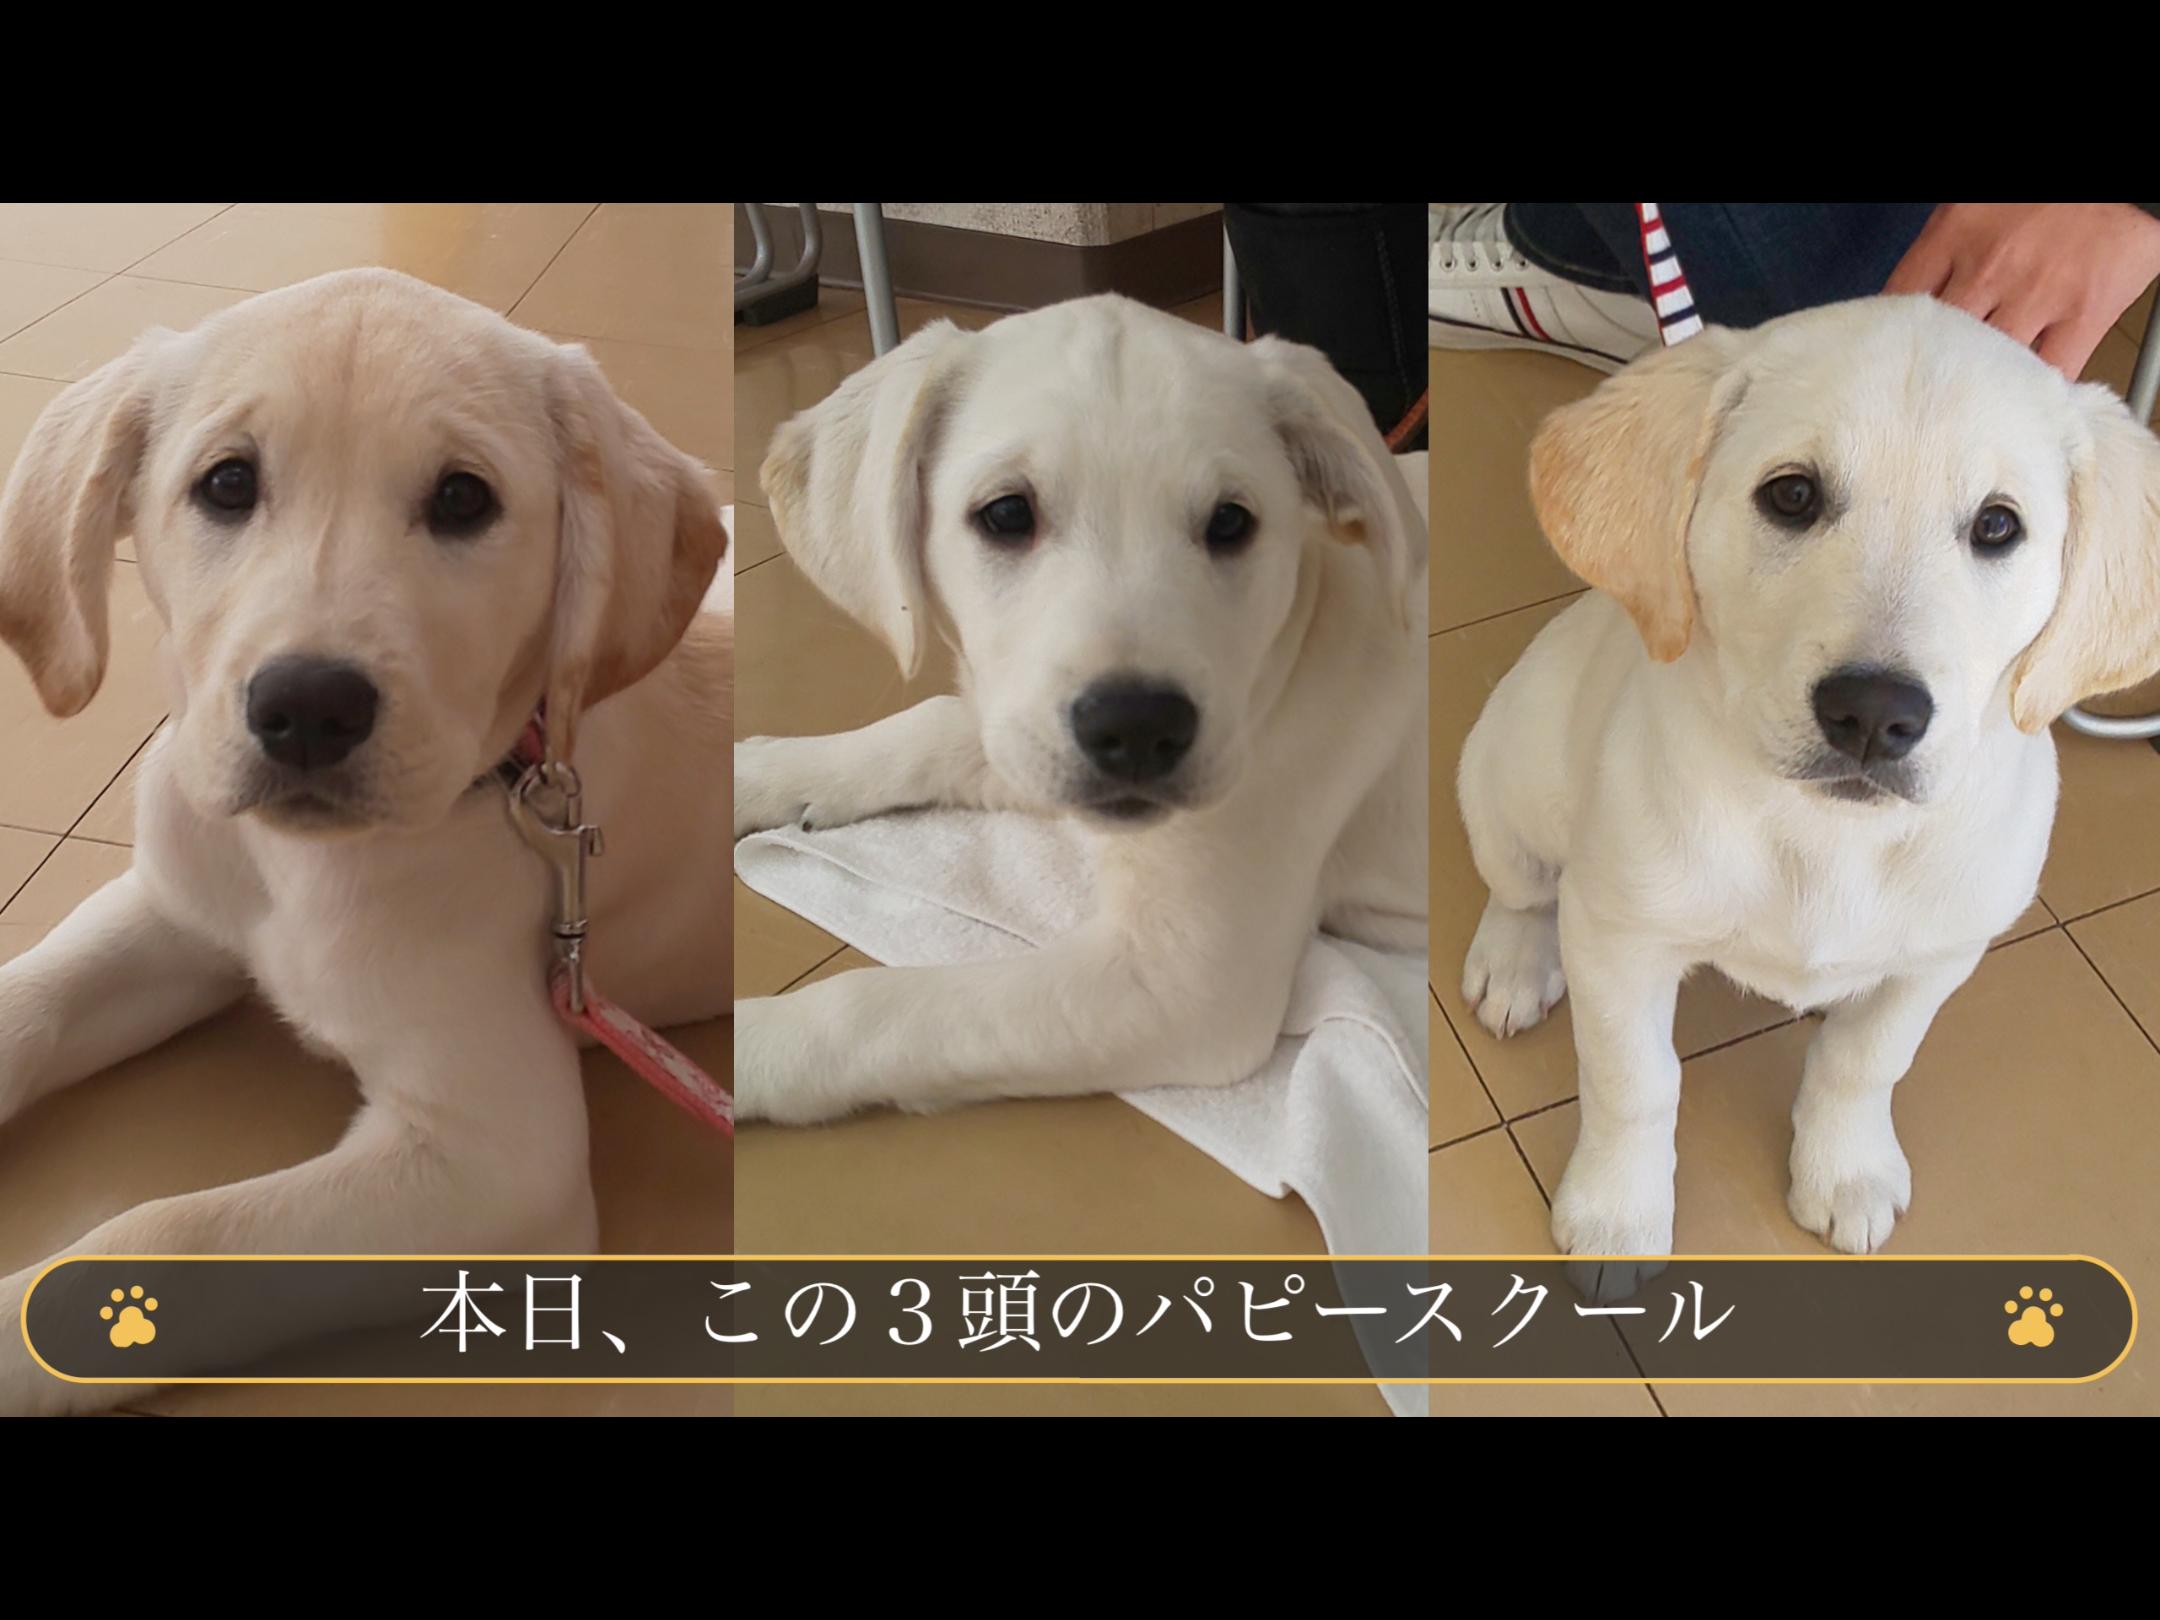 https://kansai-guidedog.jp/report/afacd15799e7eb448885c83d21a83ee5c156aa1d.png